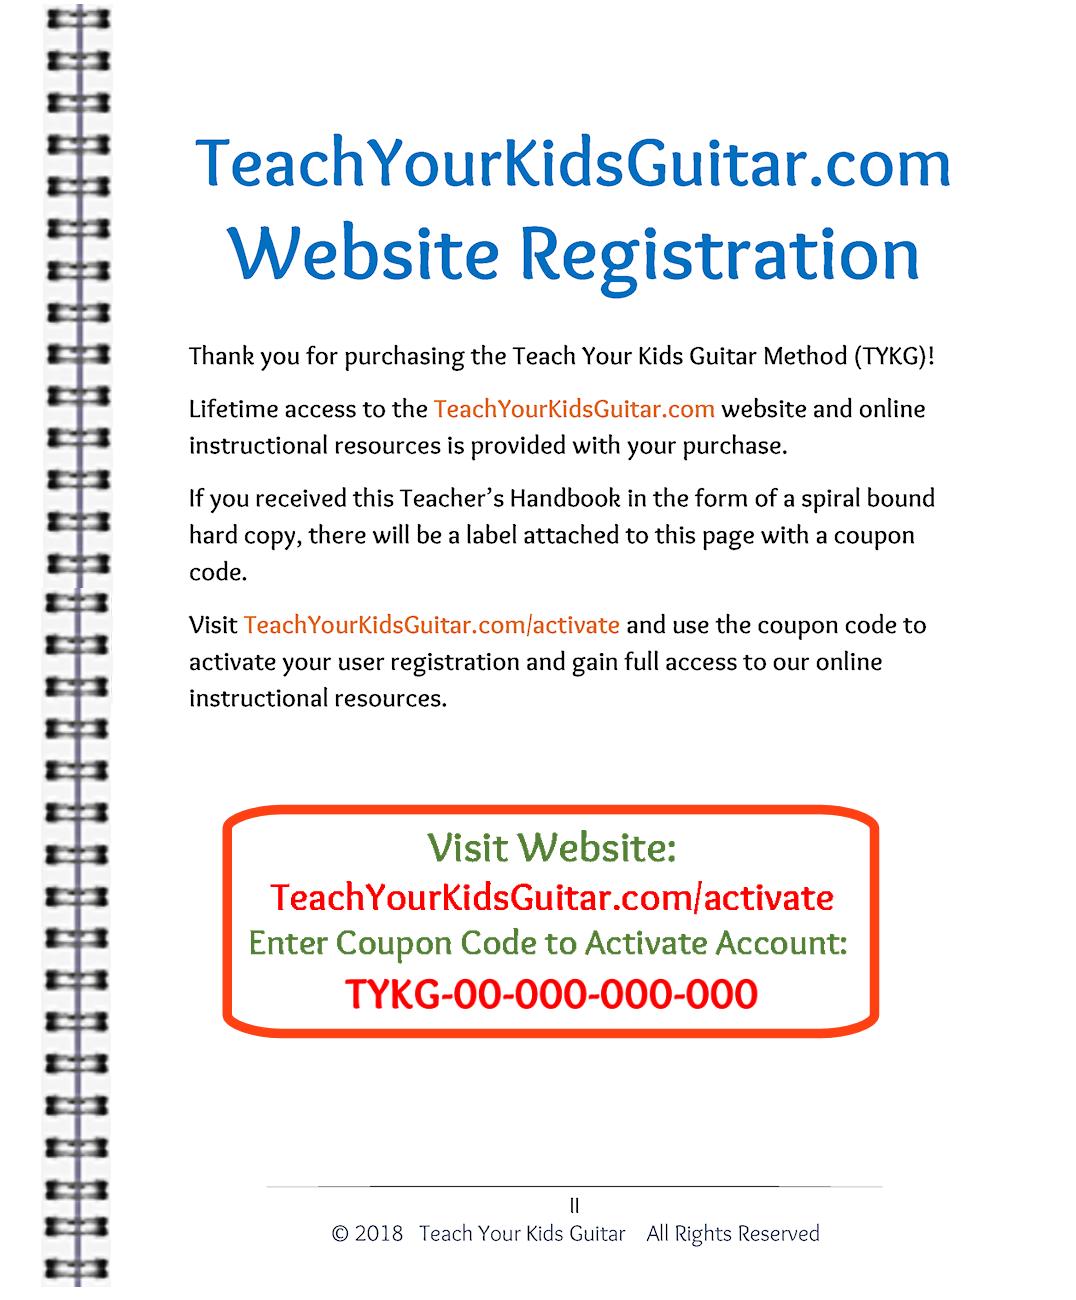 Sticker Image For Website